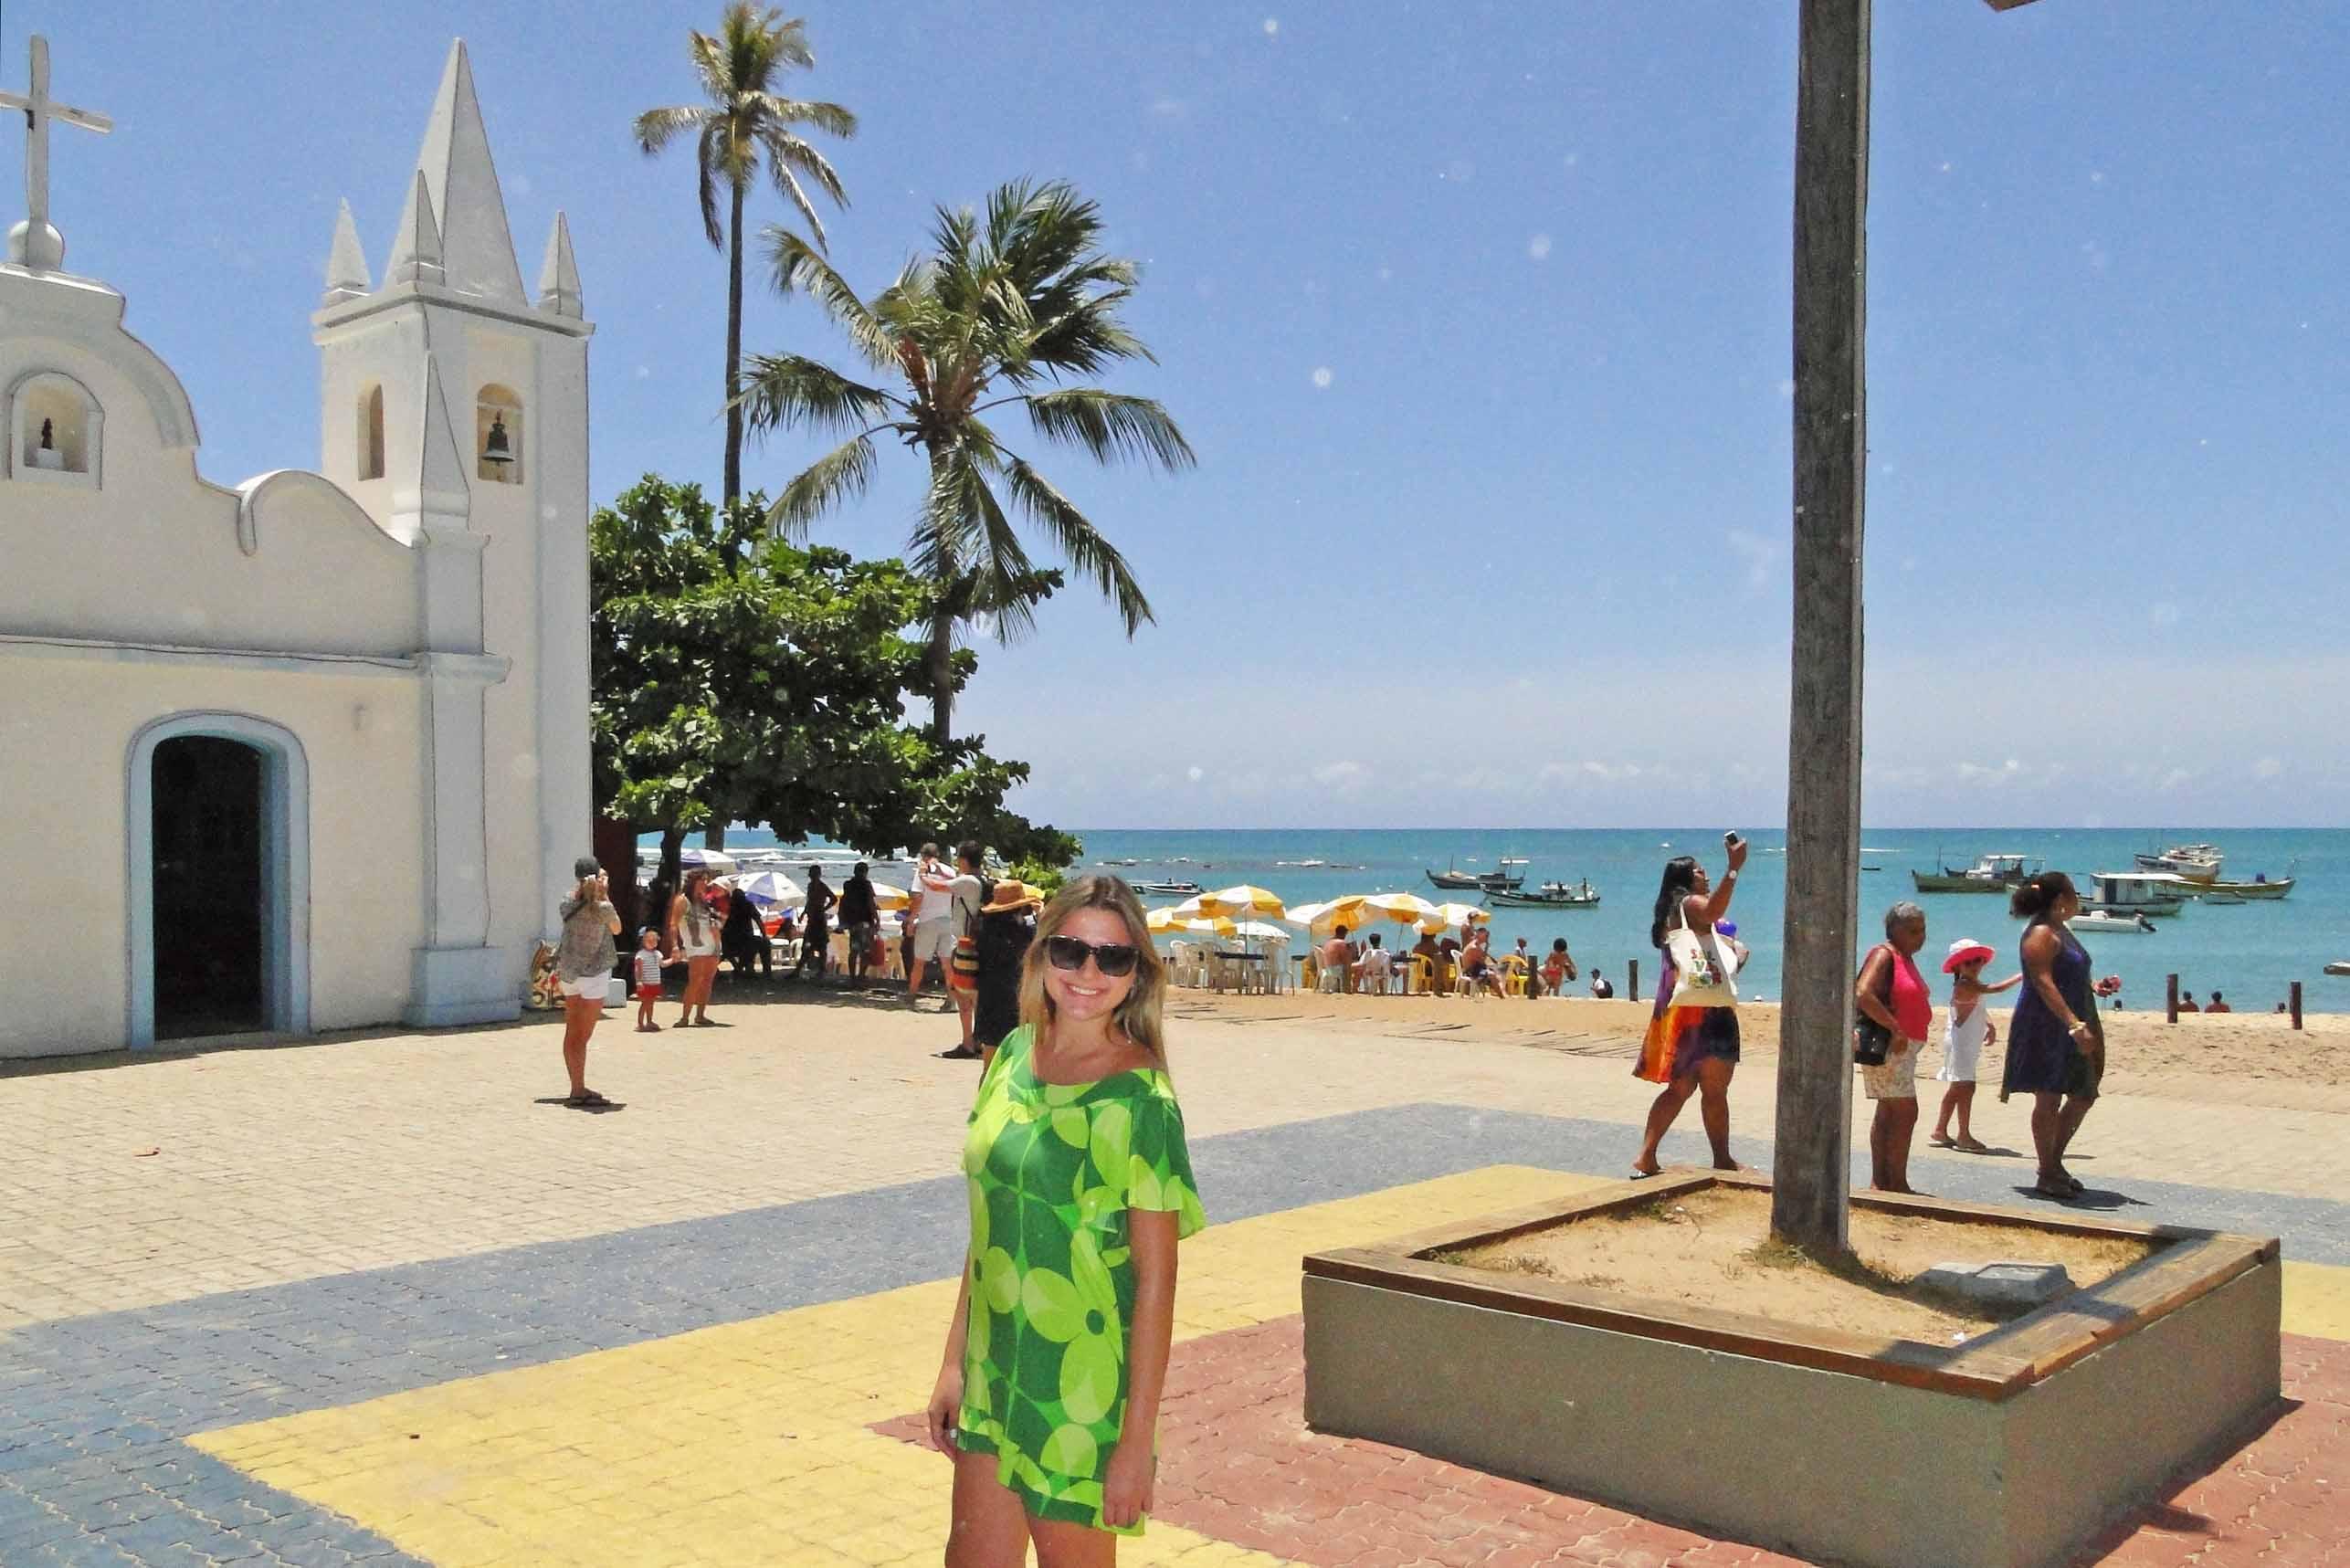 praia do forte igreja vila